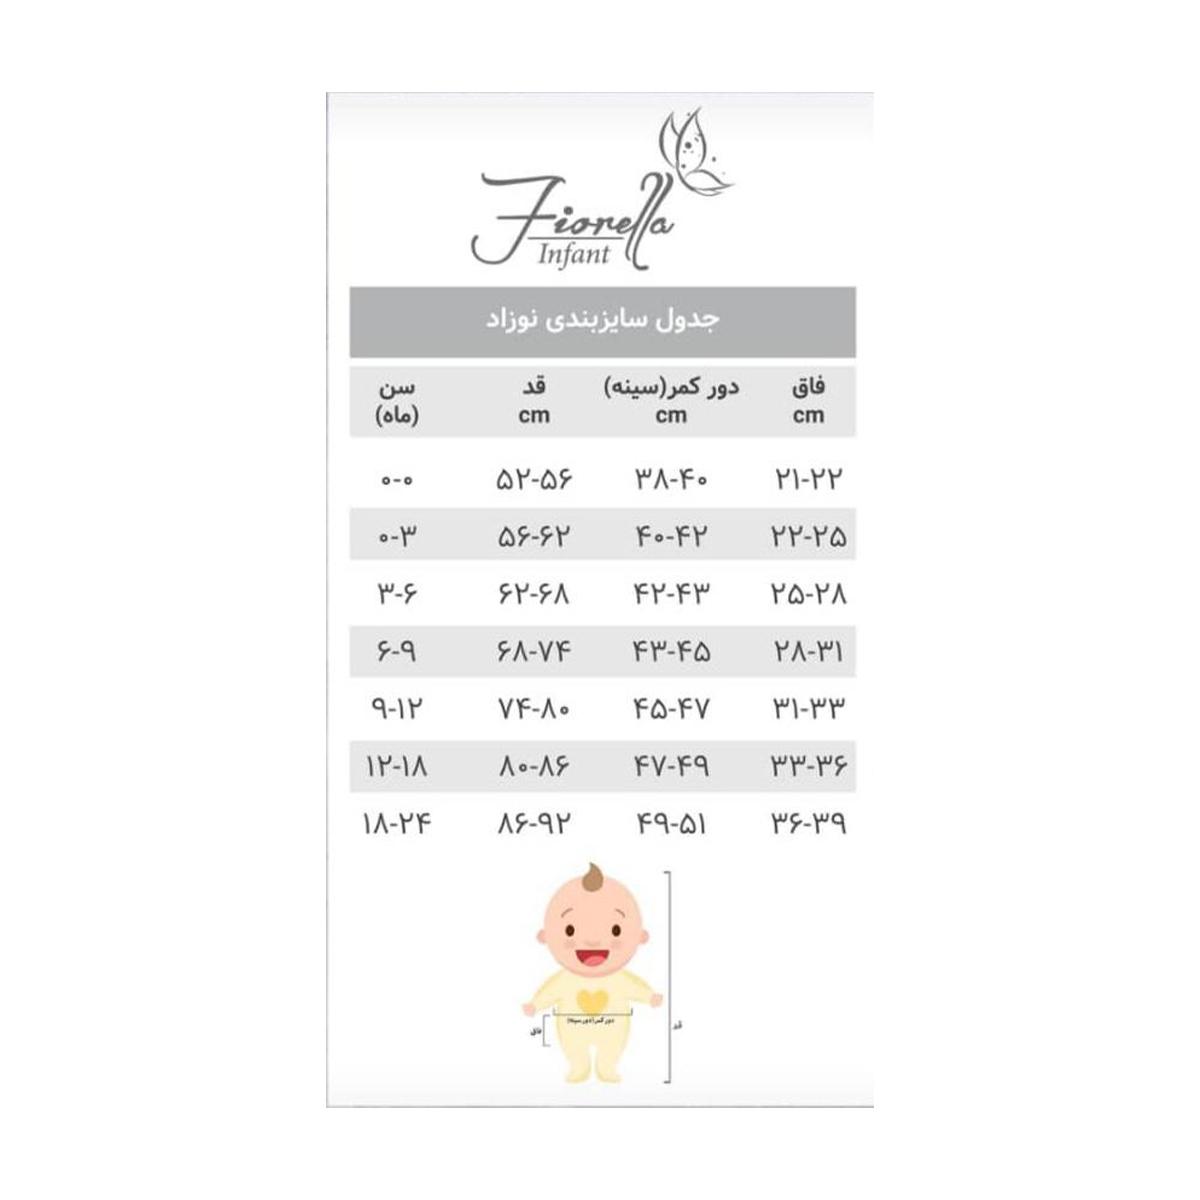 ست تیشرت و شلوار نوزادی فیورلا مدل مینی دامنی کد 21529 -  - 7